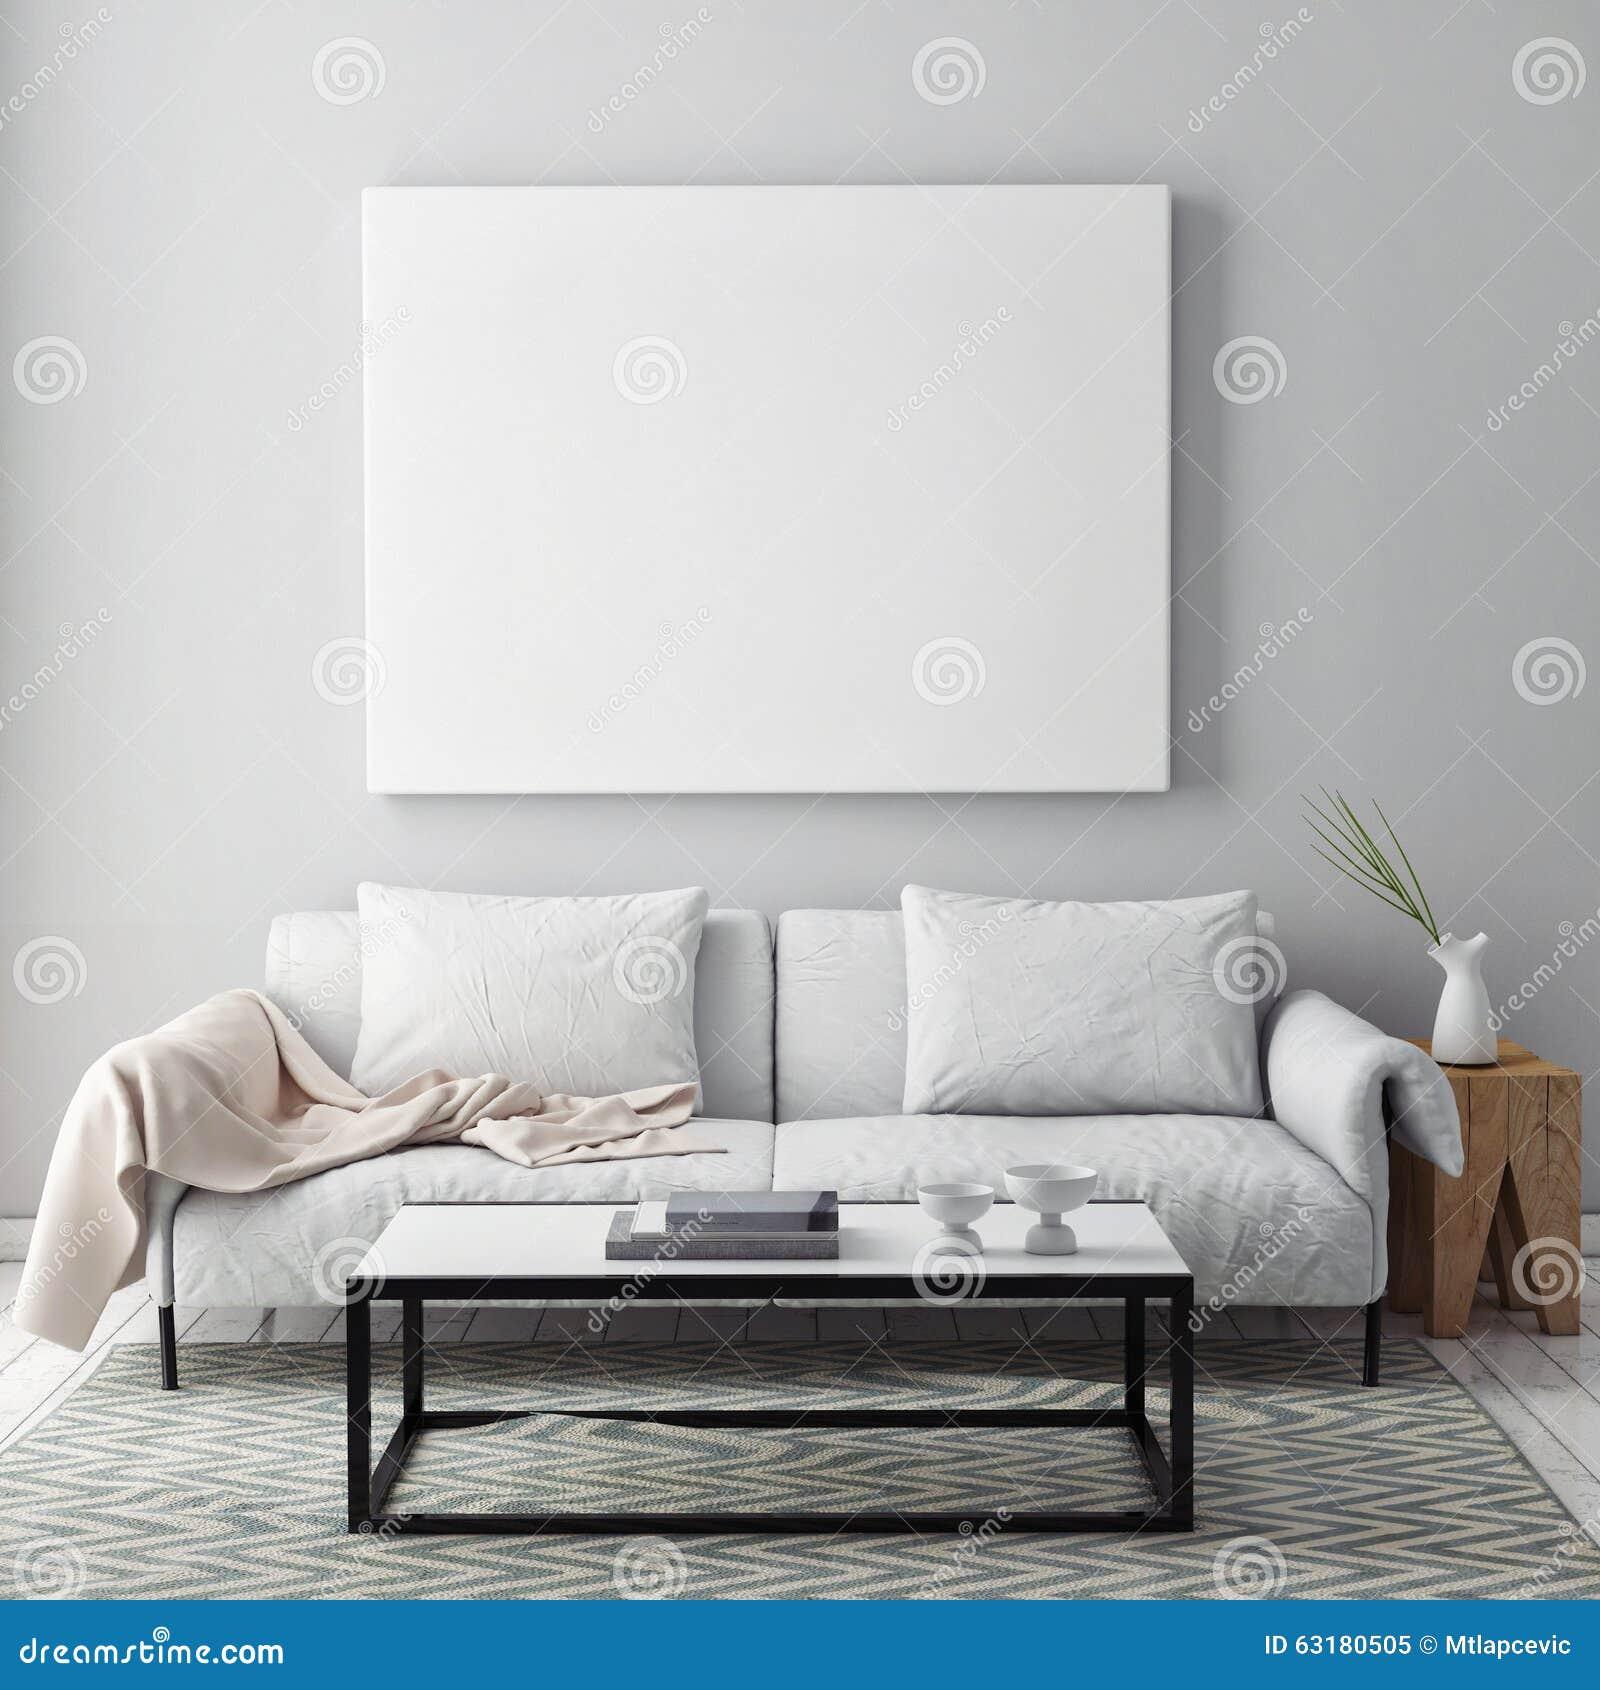 Spot op lege affiche op de muur van woonkamer